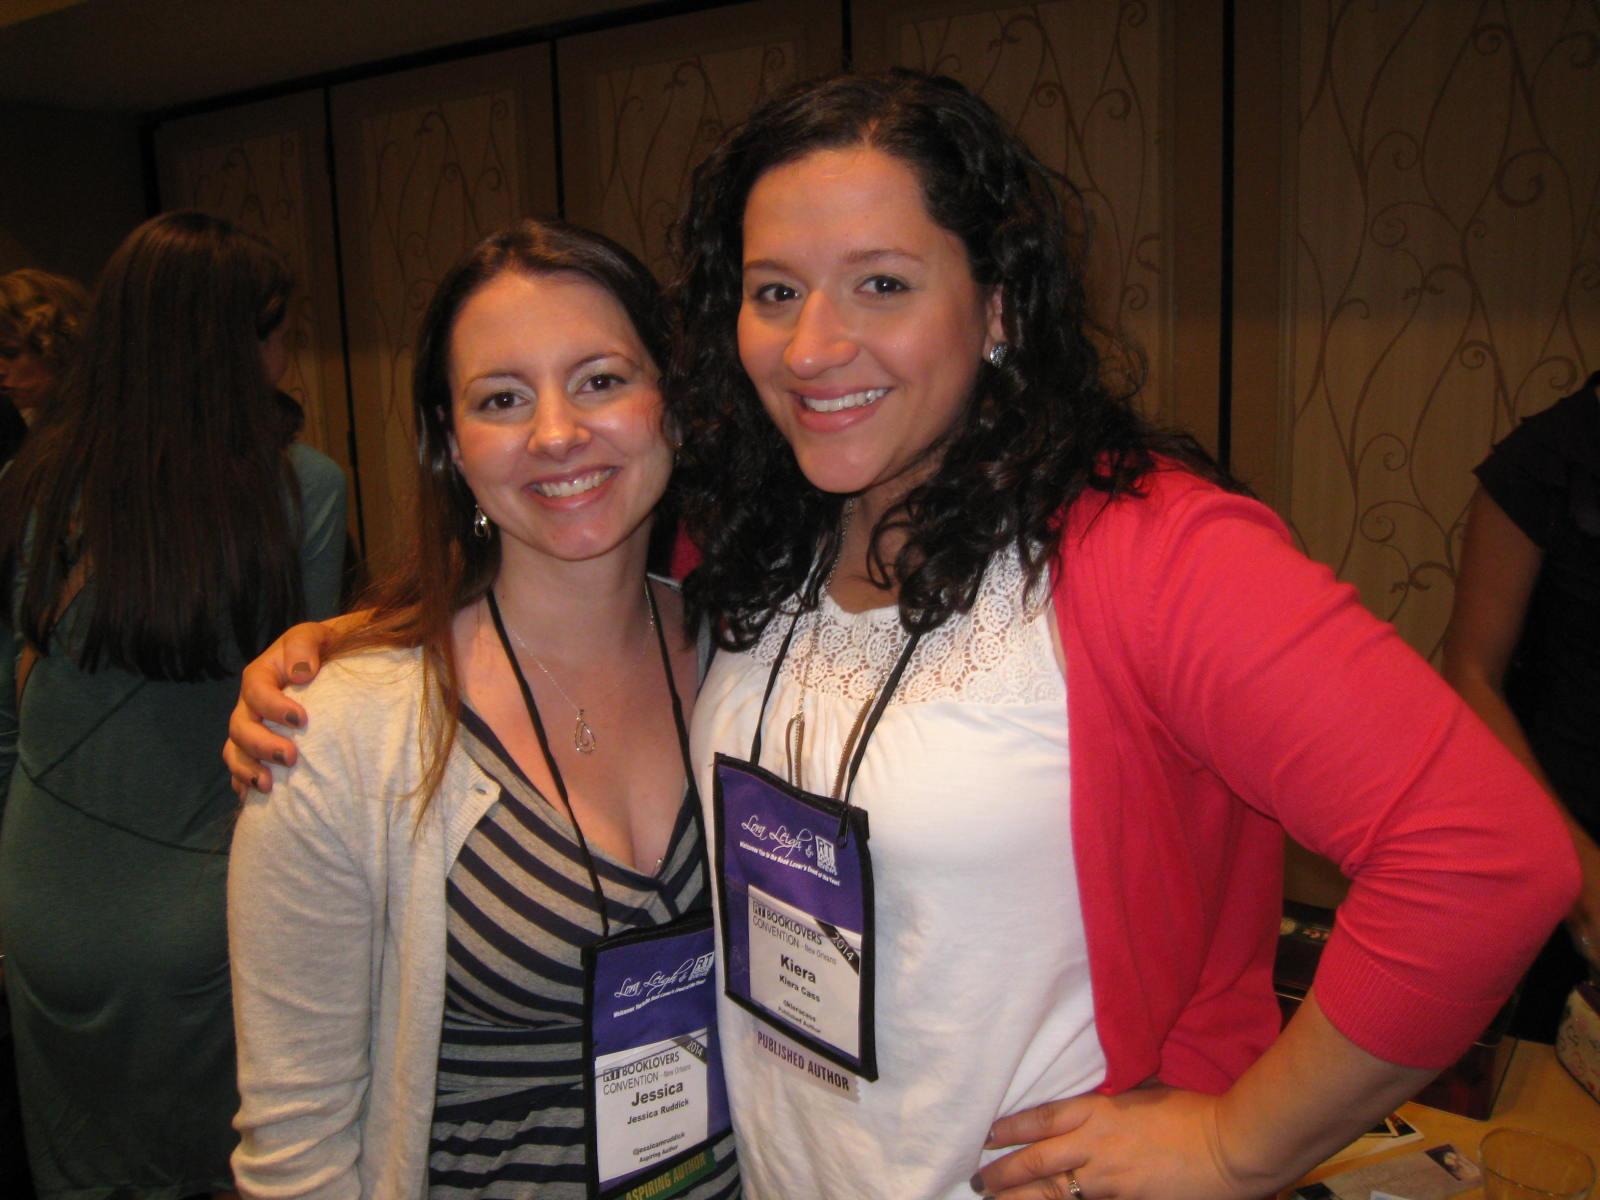 Jessica & Kiera Cass